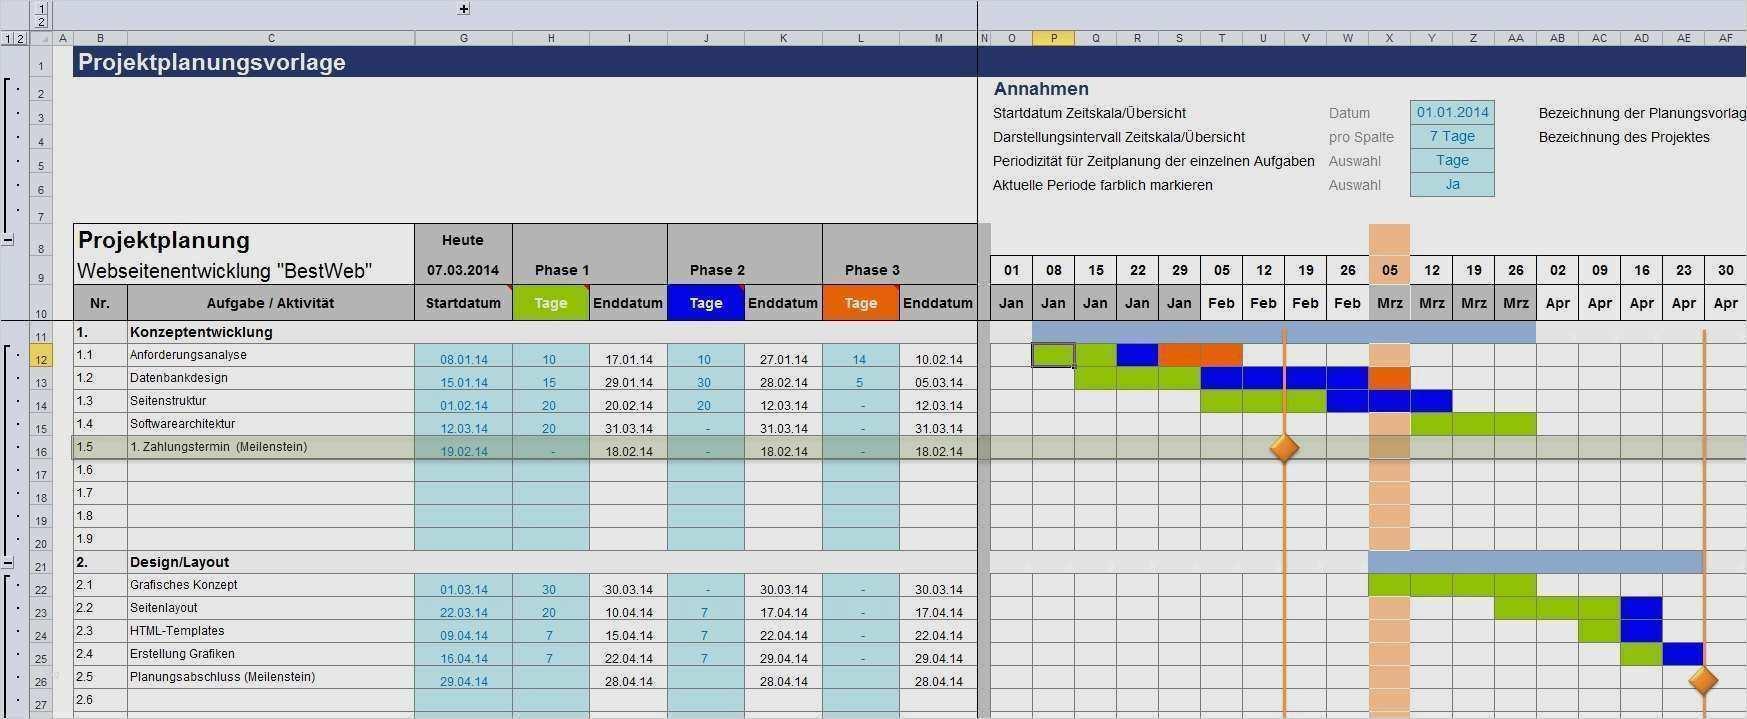 22 Grossartig Microsoft Excel Vorlagen Stilvoll Ebendiese Konnen Anpassen Fur Ihre Erstaunlich In 2020 Excel Vorlage Vorlagen Lebenslauf Vorlagen